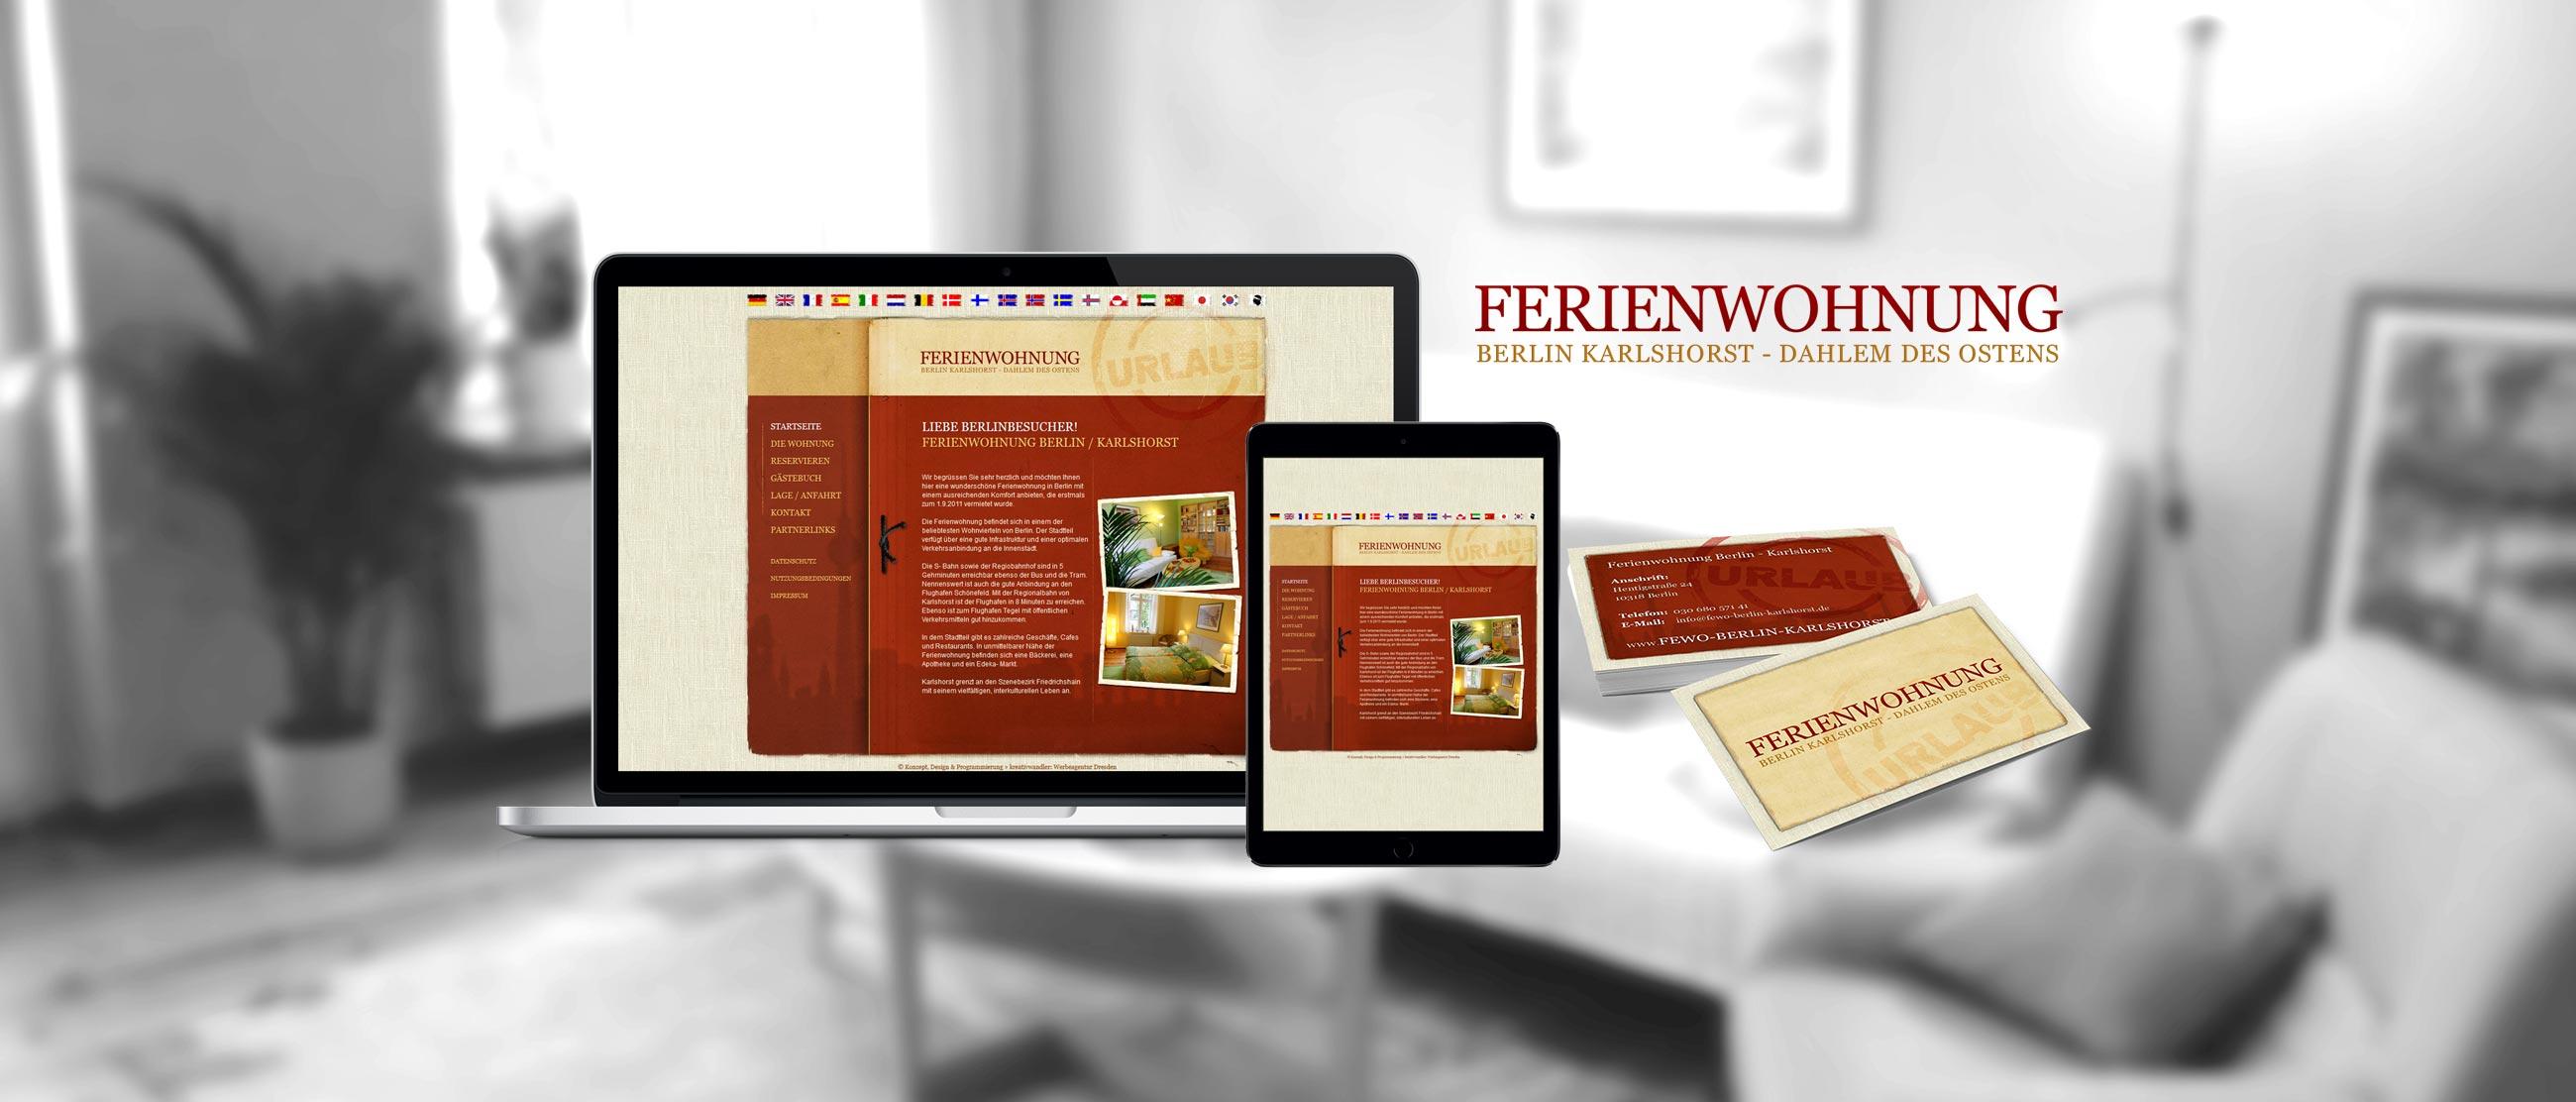 Ferienwohnung Karlshorst Berlin: Erstellung eines Corporate Designs (Logo, Website, Visitenkarten)